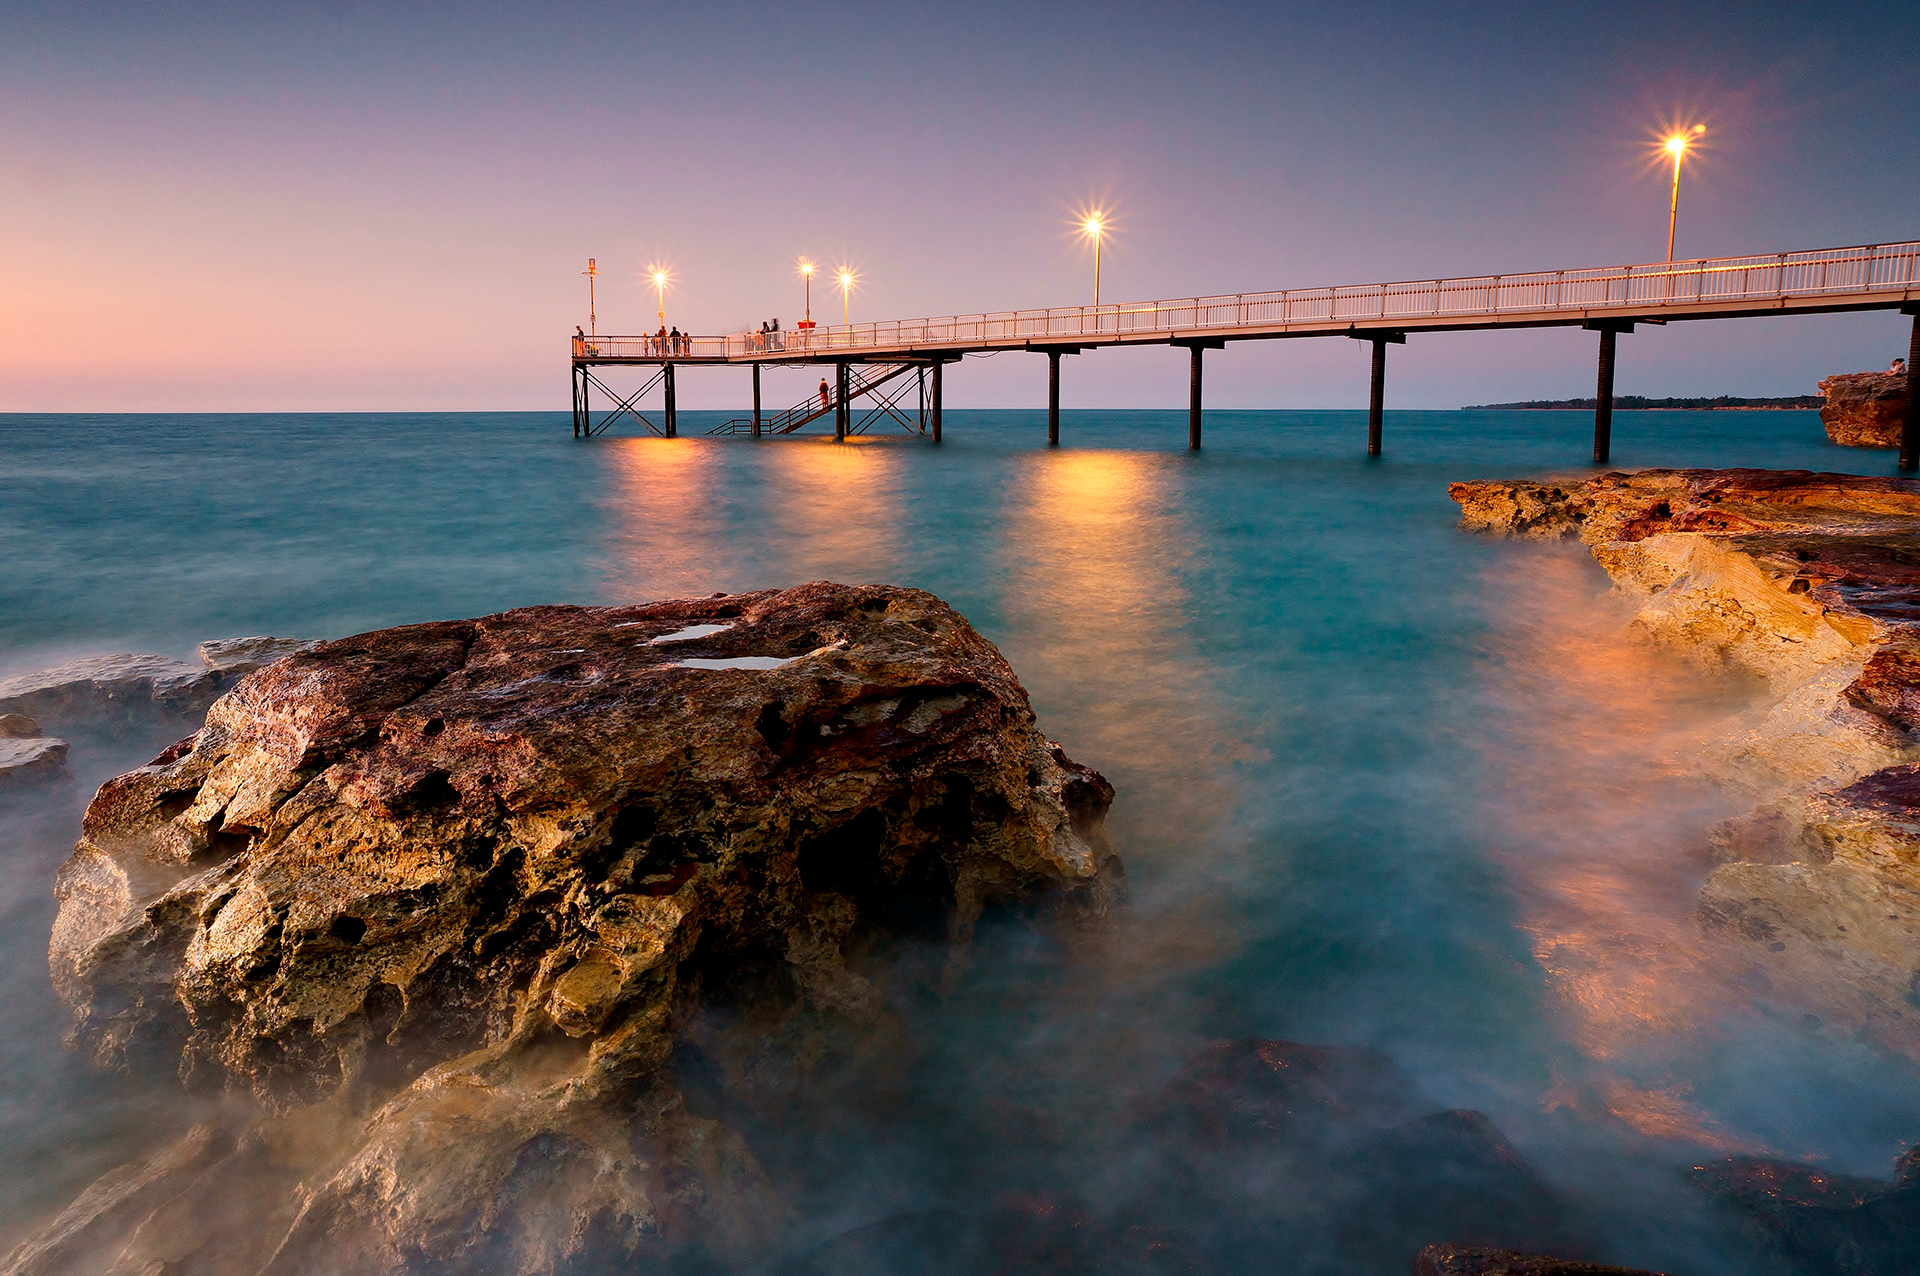 La única ciudad capital tropical de Australia y puerta de entrada al Top End, Darwin, en las tierras tradicionales de Larrakia, contempla el Mar de Timor. Está más cerca de Bali que Bondi y ciertamente se siente alejado del resto del país, que es exactamente como a los lugareños les gusta